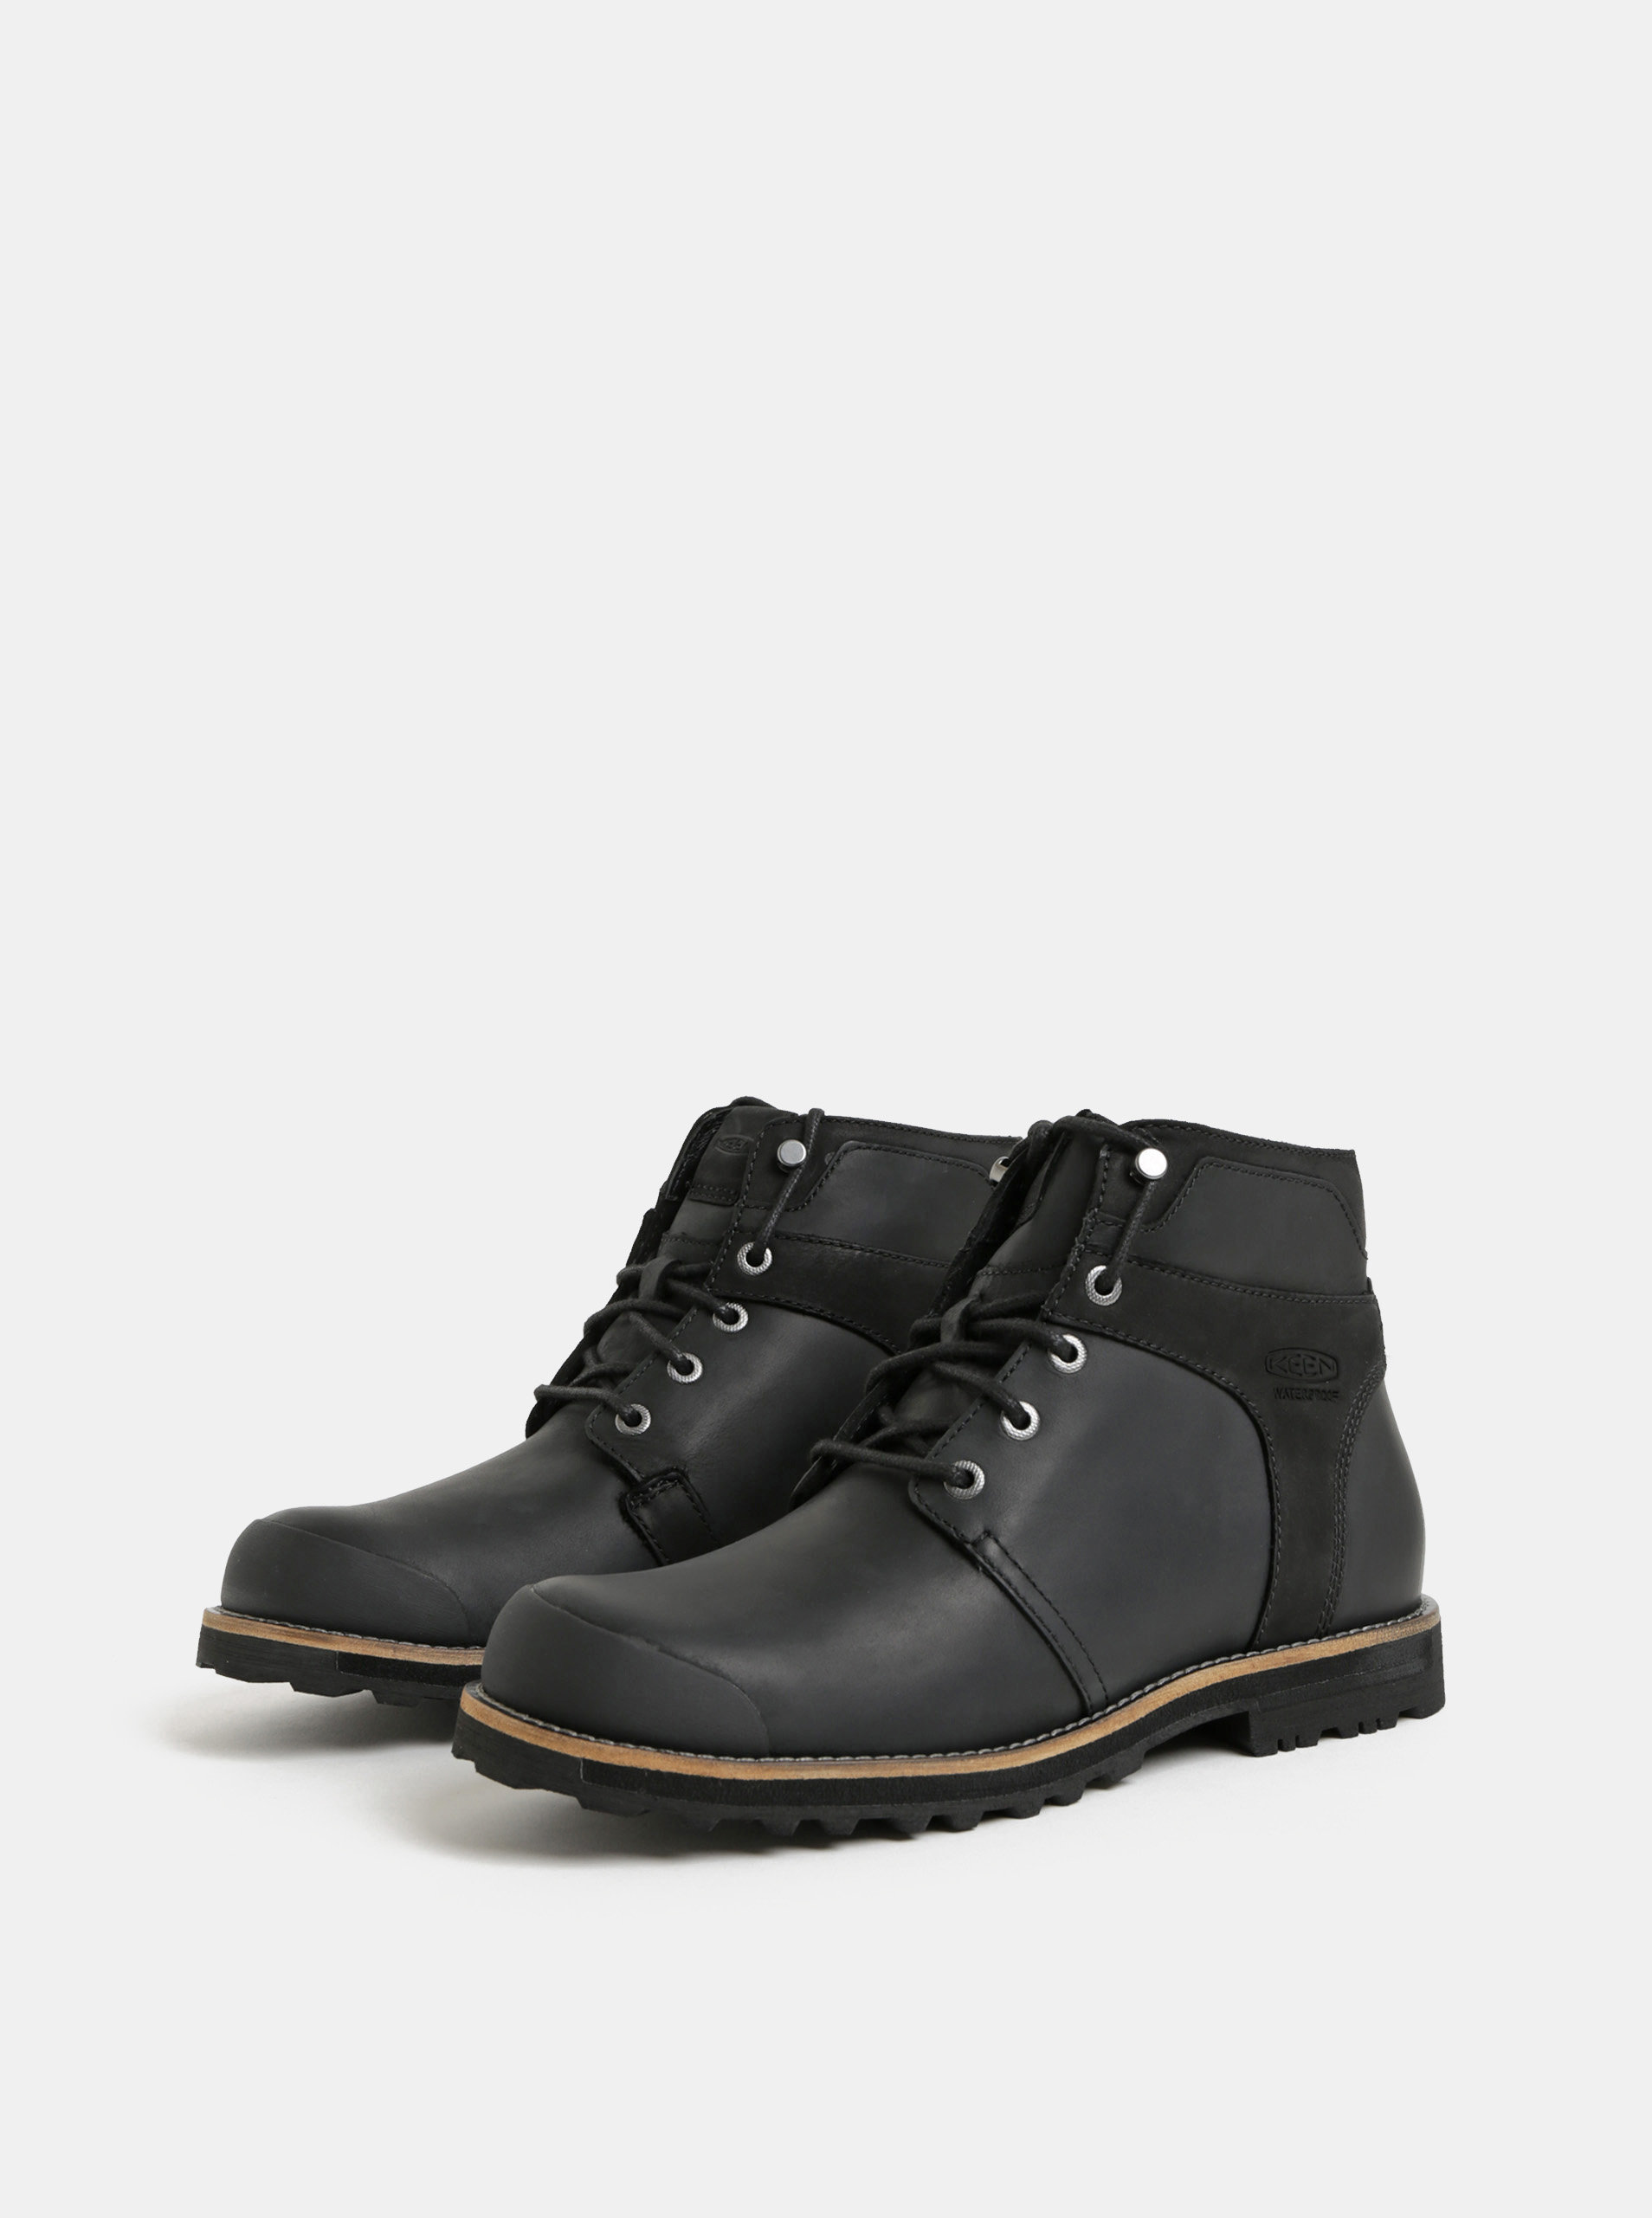 Černé pánské kožené voděodolné kotníkové boty Keen Rocker ... 88644f3f9b